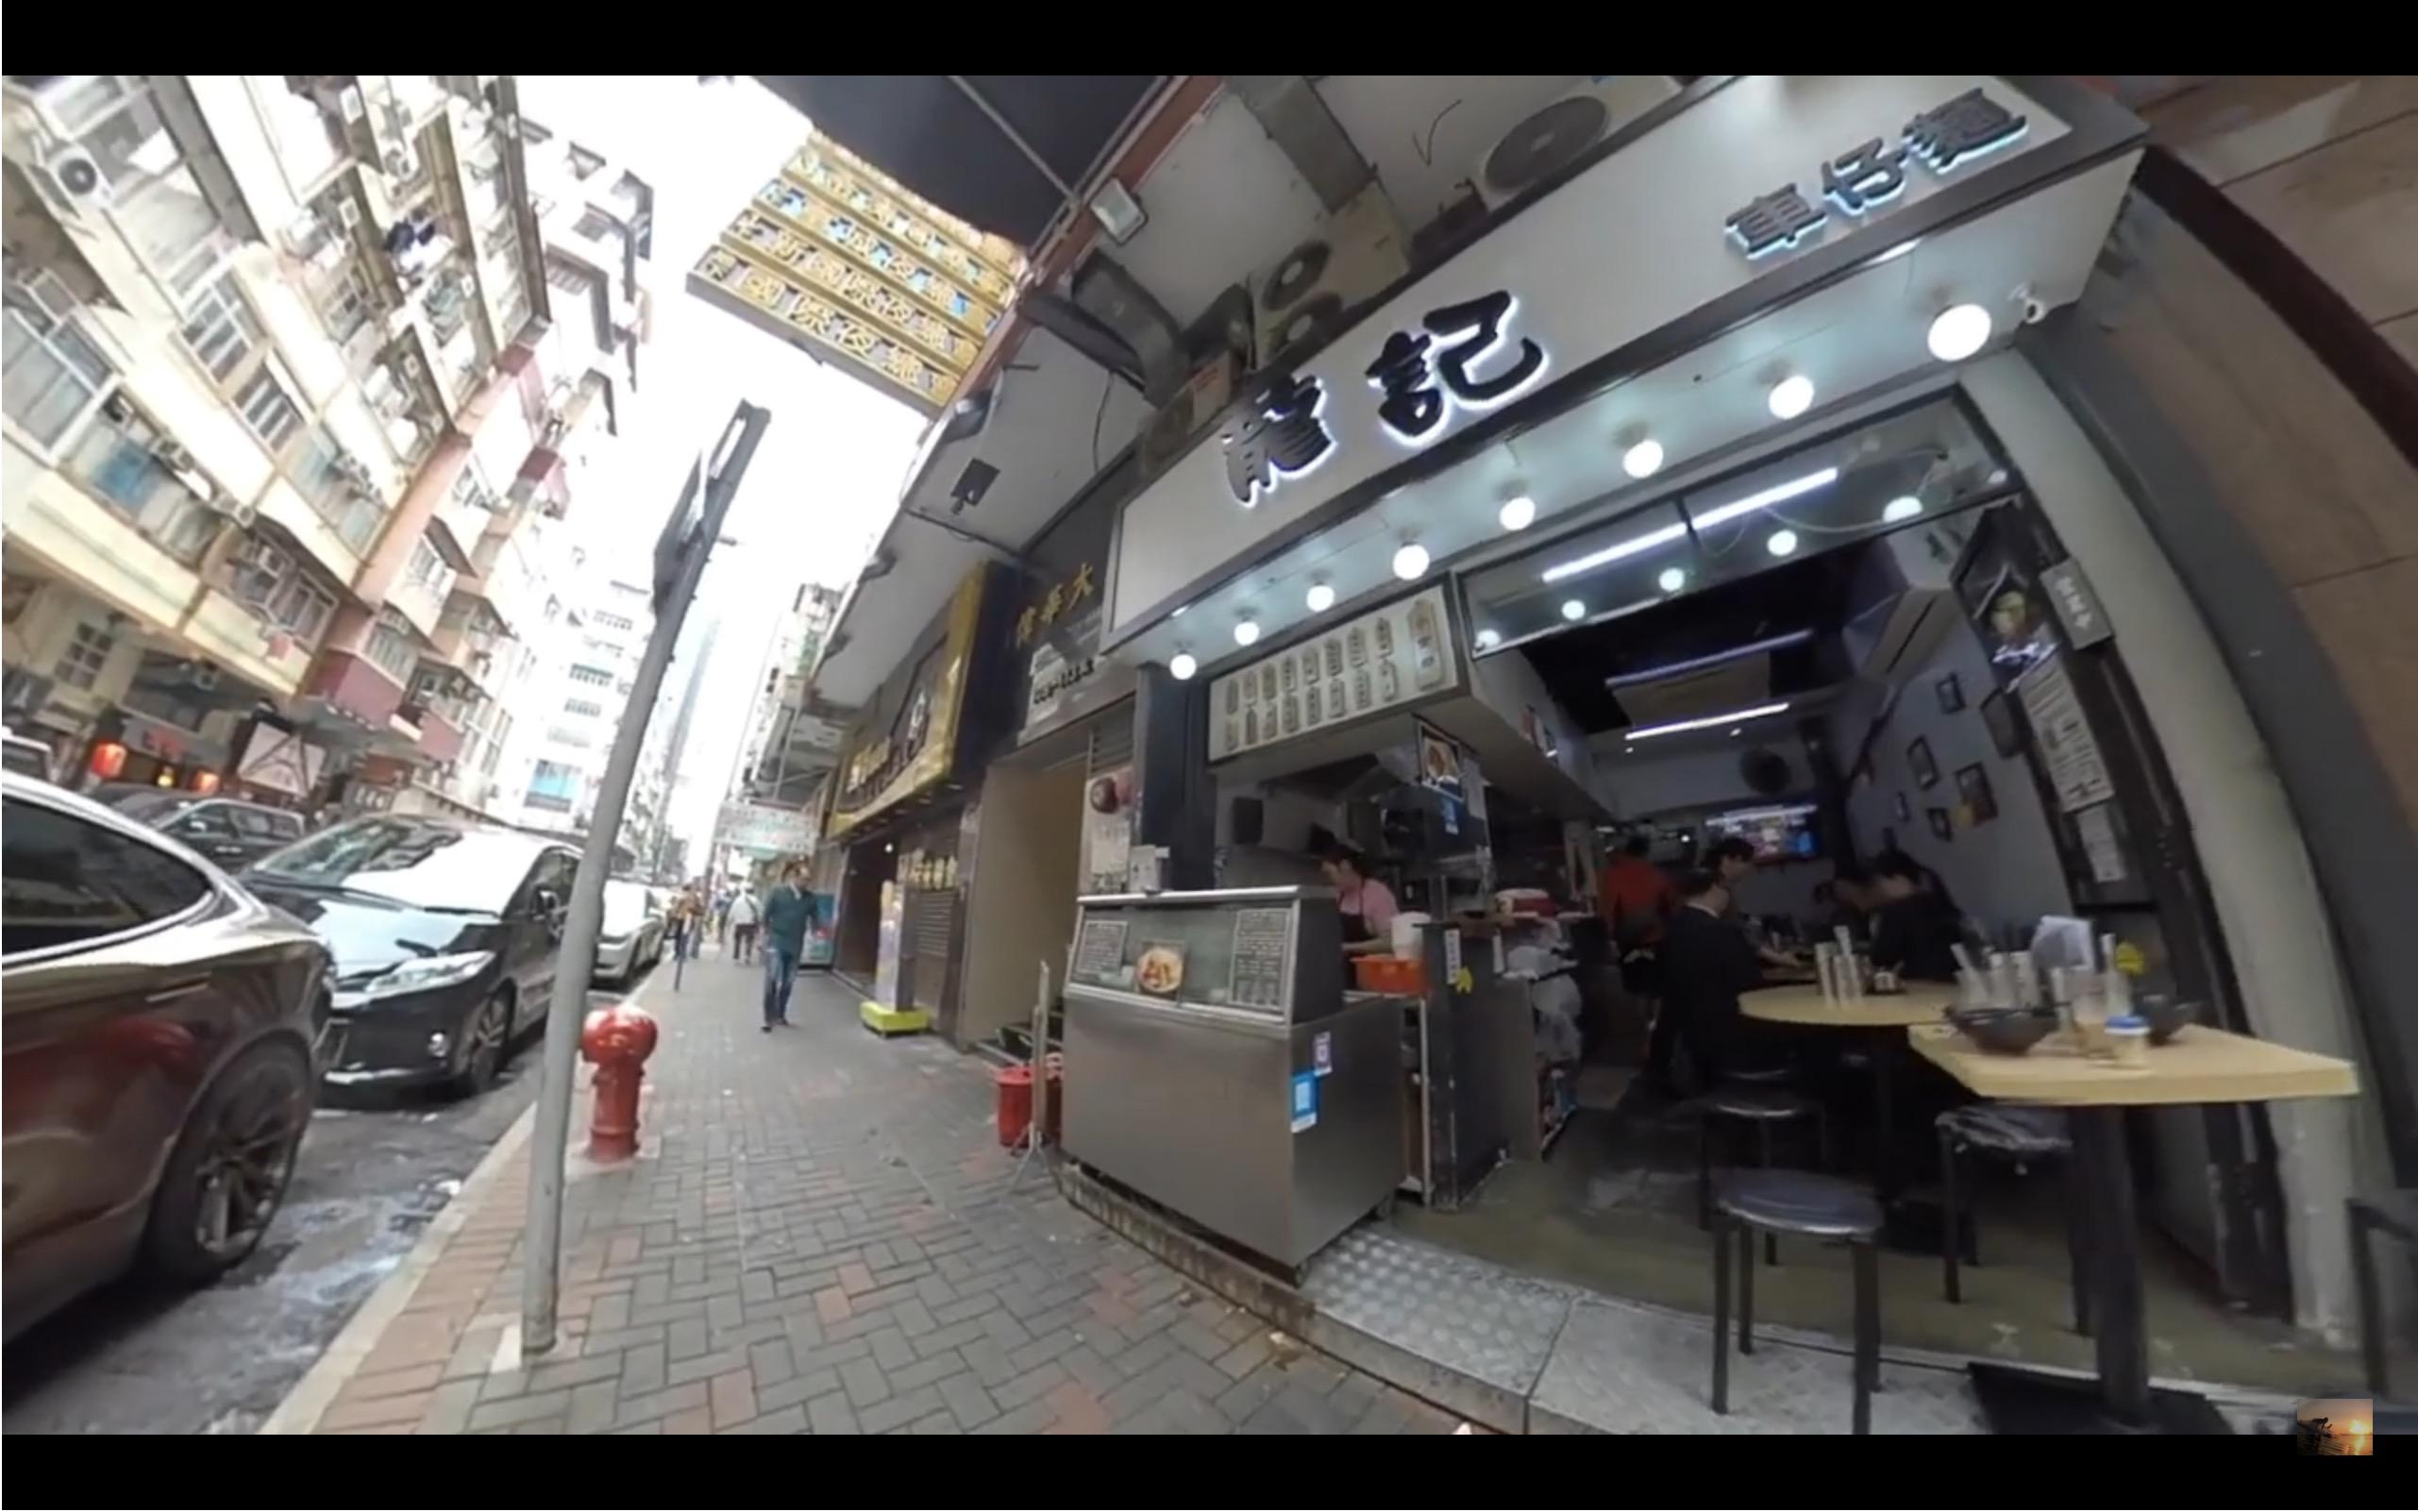 香港 旺角の裏通りの麺屋 龍記の外観